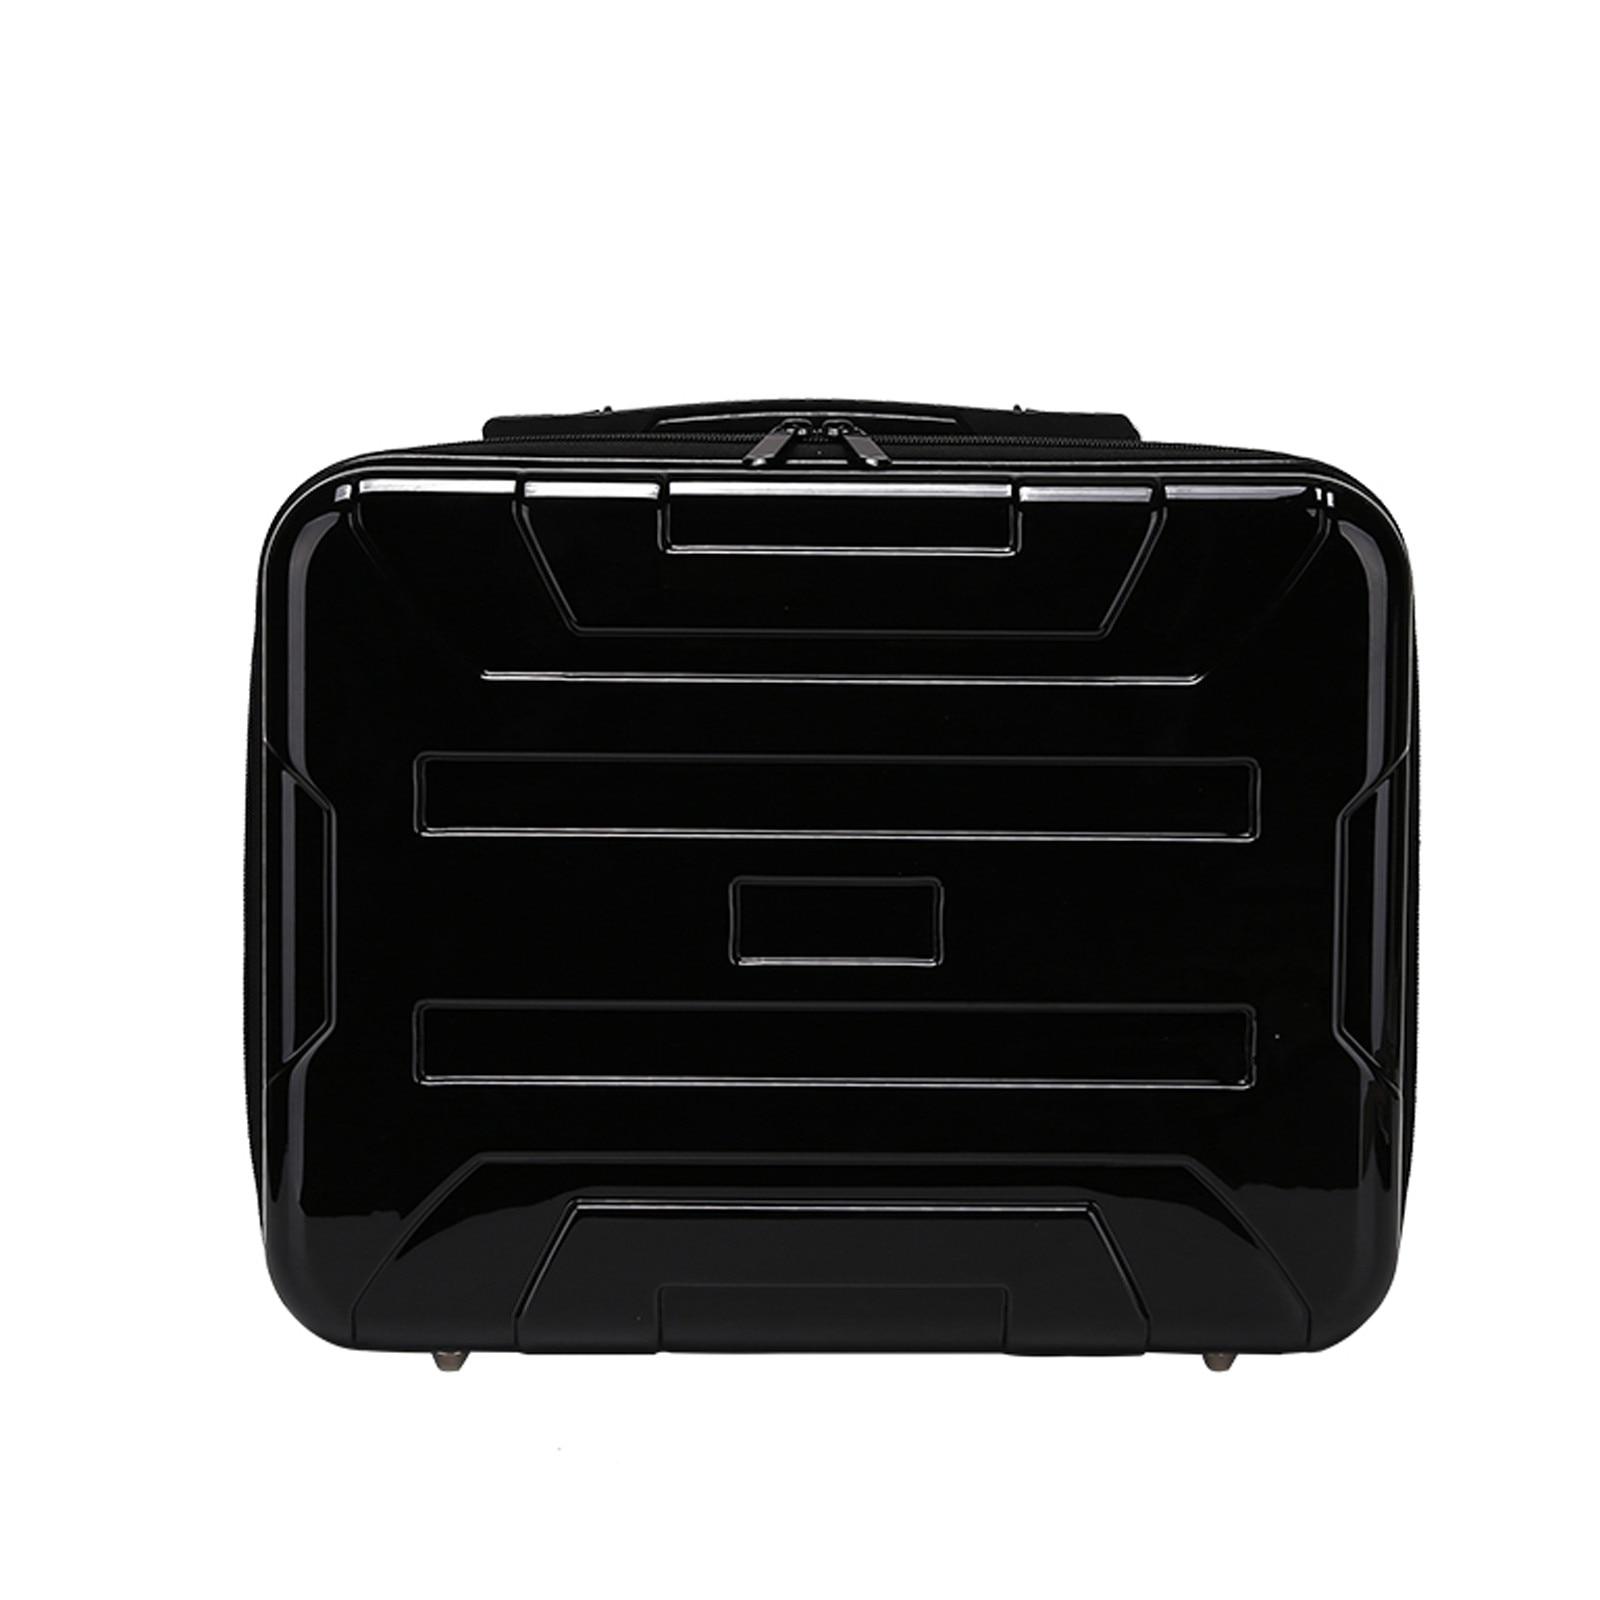 Sac de rangement étanche pour DJI FPV, mallette de transport rigide, étui de protection de voyage pour DJI FPV Combo EVA, accessoires de coque rigide, paquet noir # Y